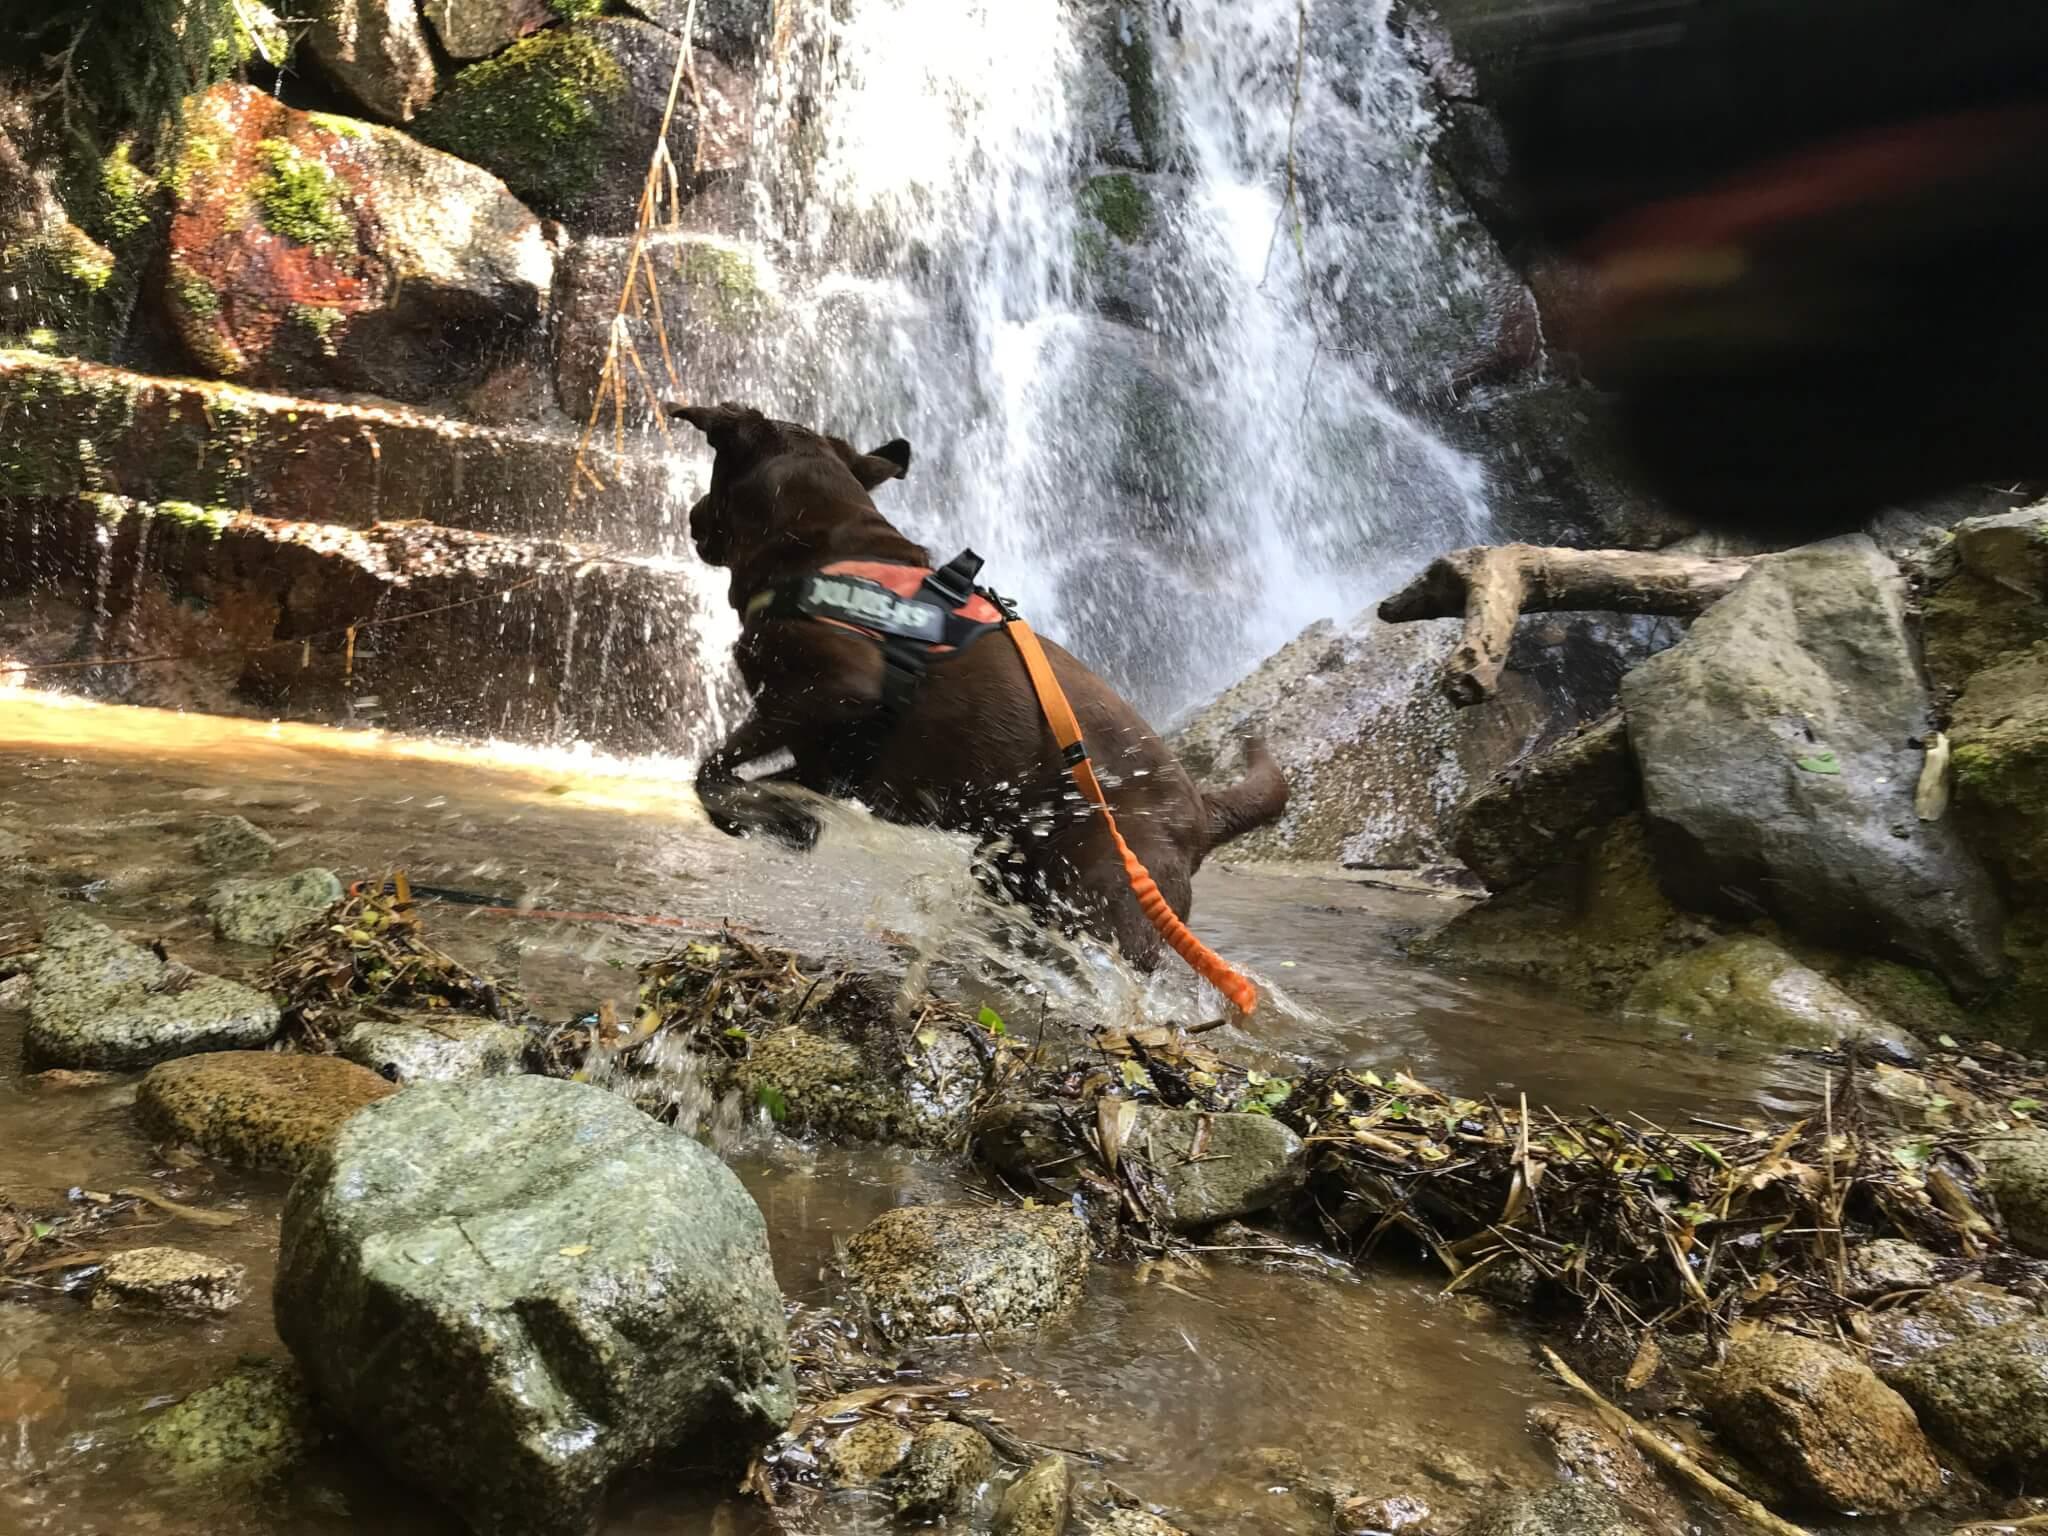 水越川 犬 滝で遊ぶ犬